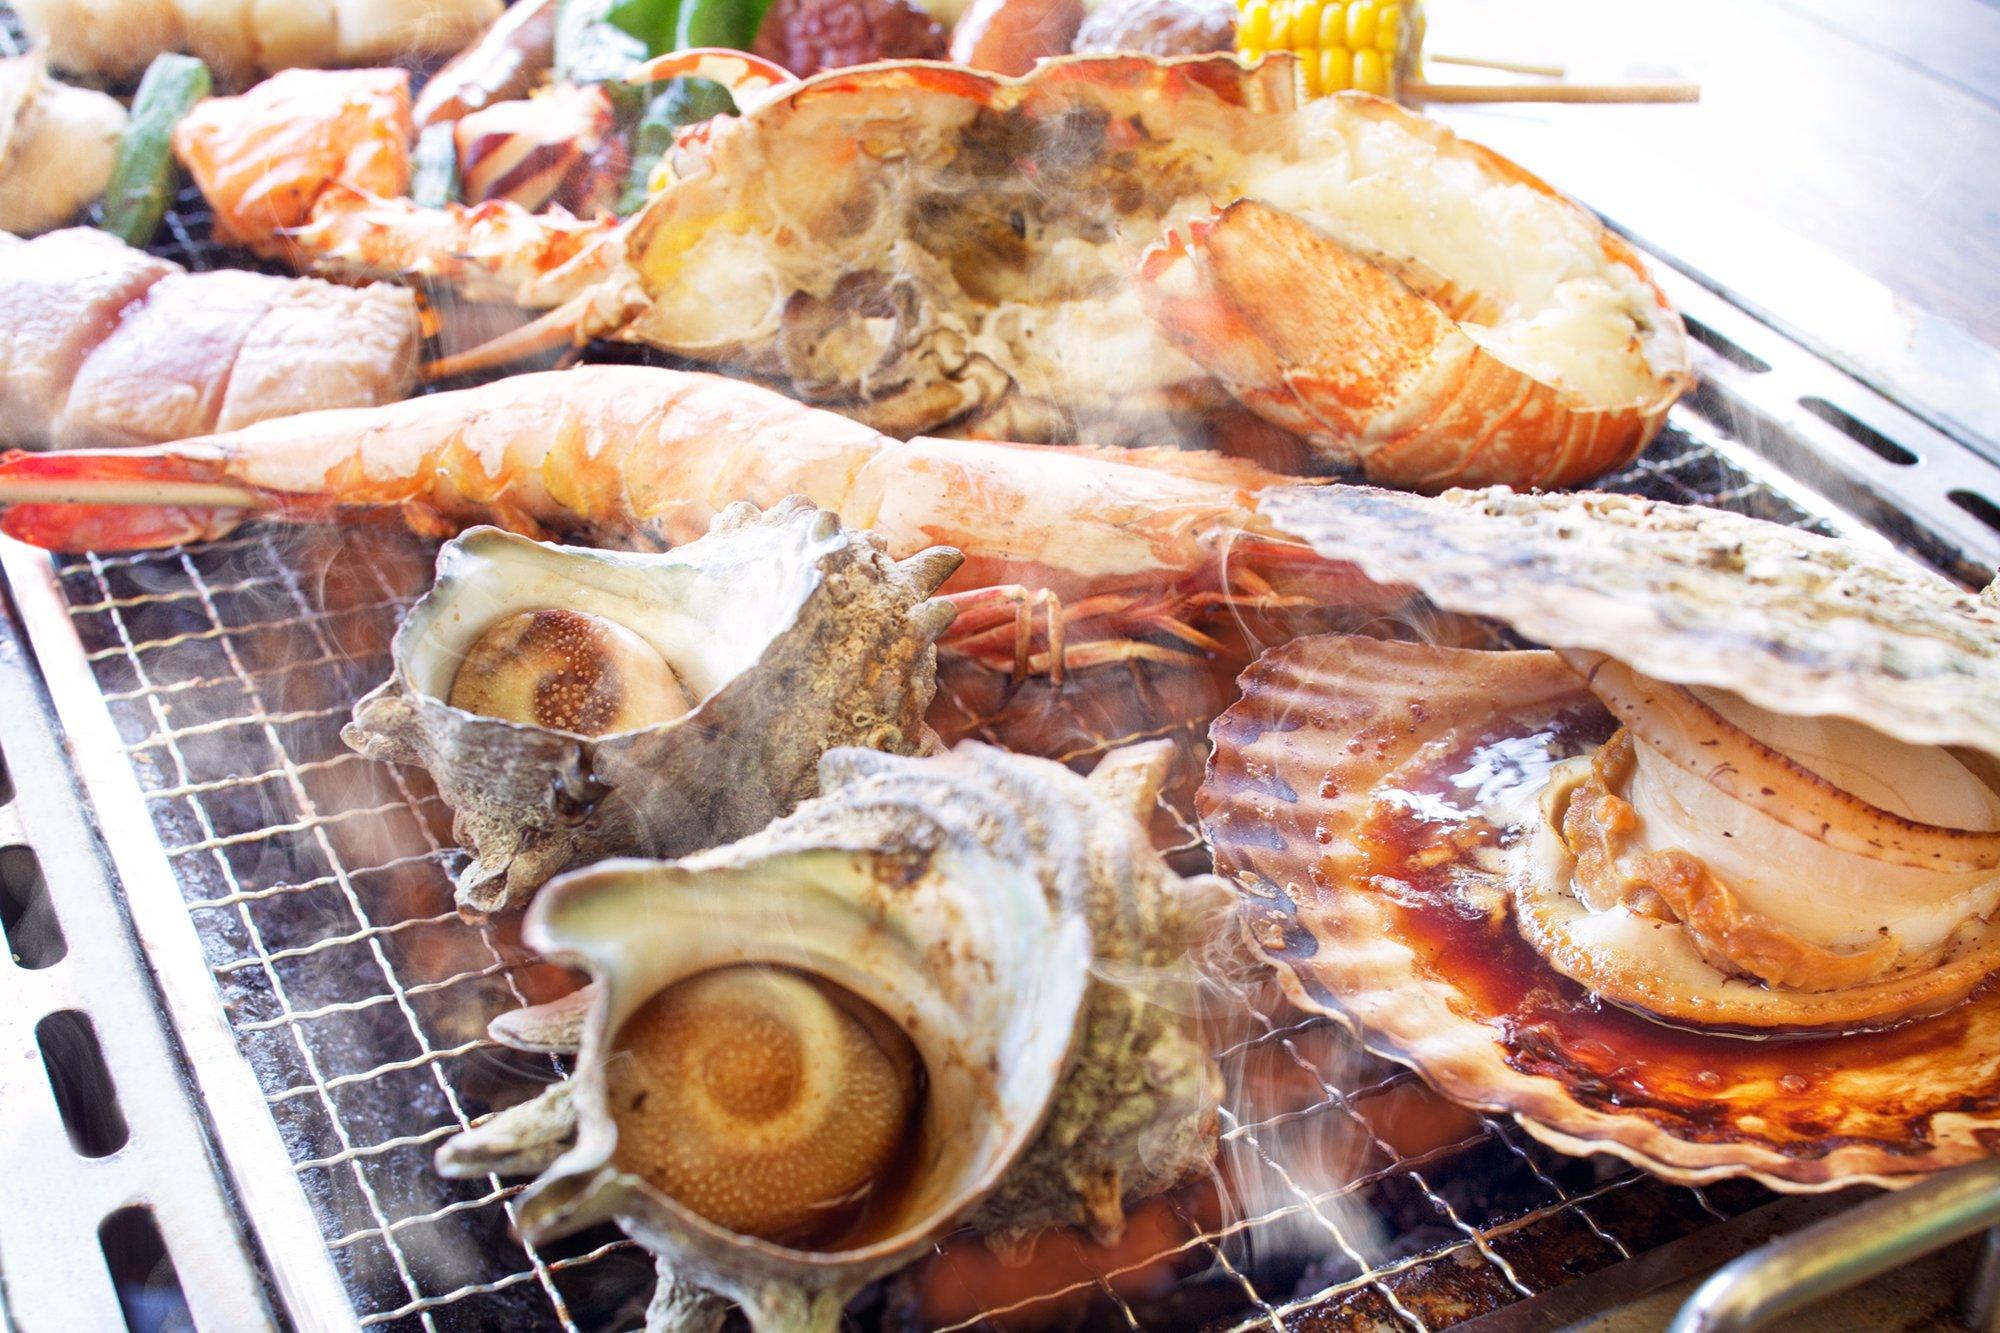 【てぶらでOK!】 5%プリペイド付!★好きな食材が選べる★浜焼きバーベキュー《...